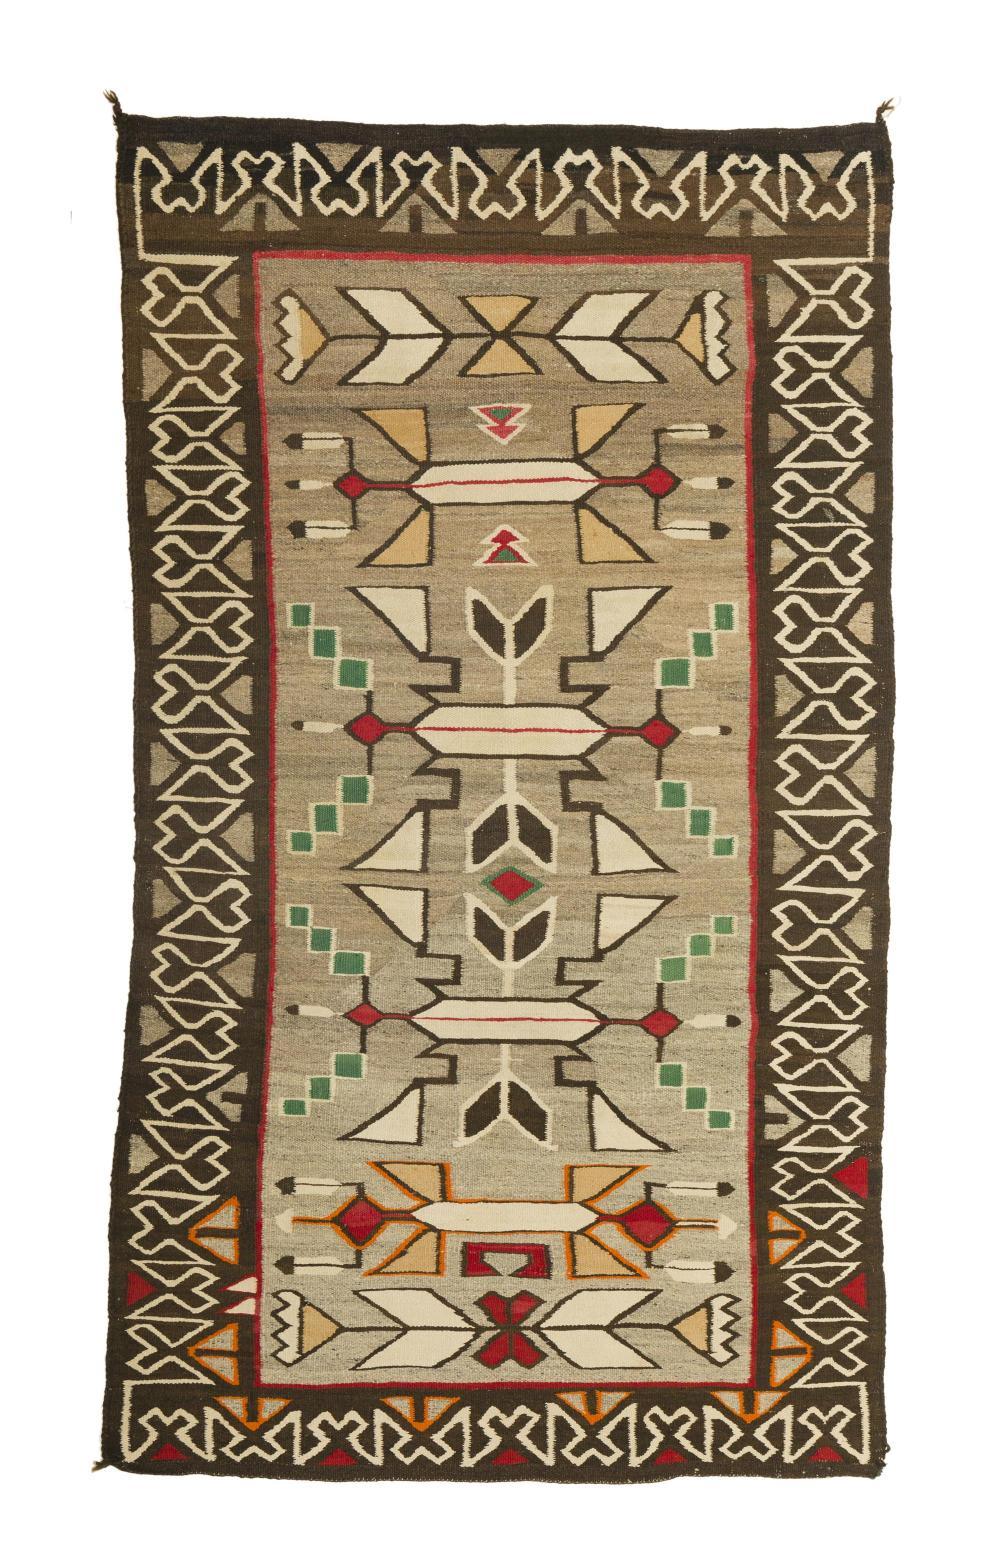 A Navajo pictorial rug